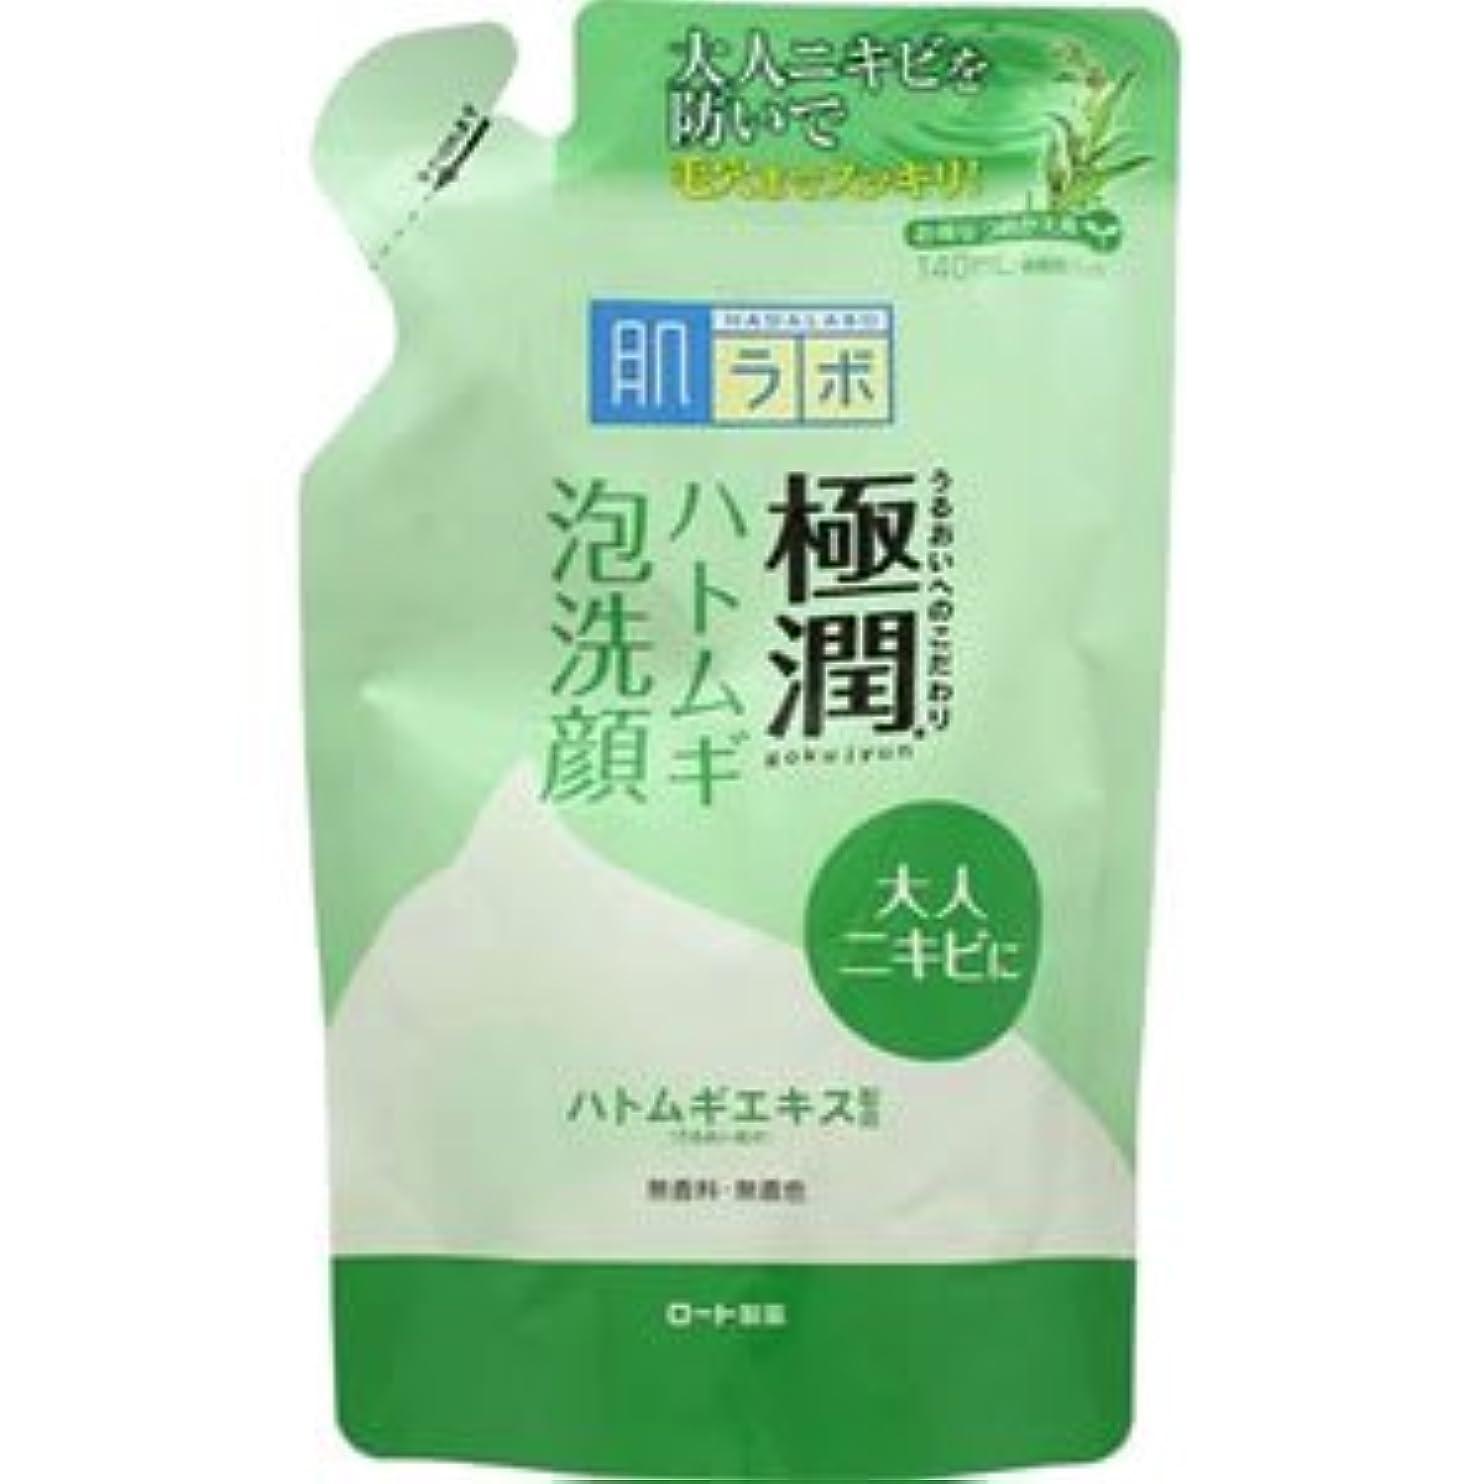 探す寝室を掃除する先駆者(ロート製薬)肌研 極潤ハトムギ泡洗顔 140ml(つめかえ用)(お買い得3個セット)